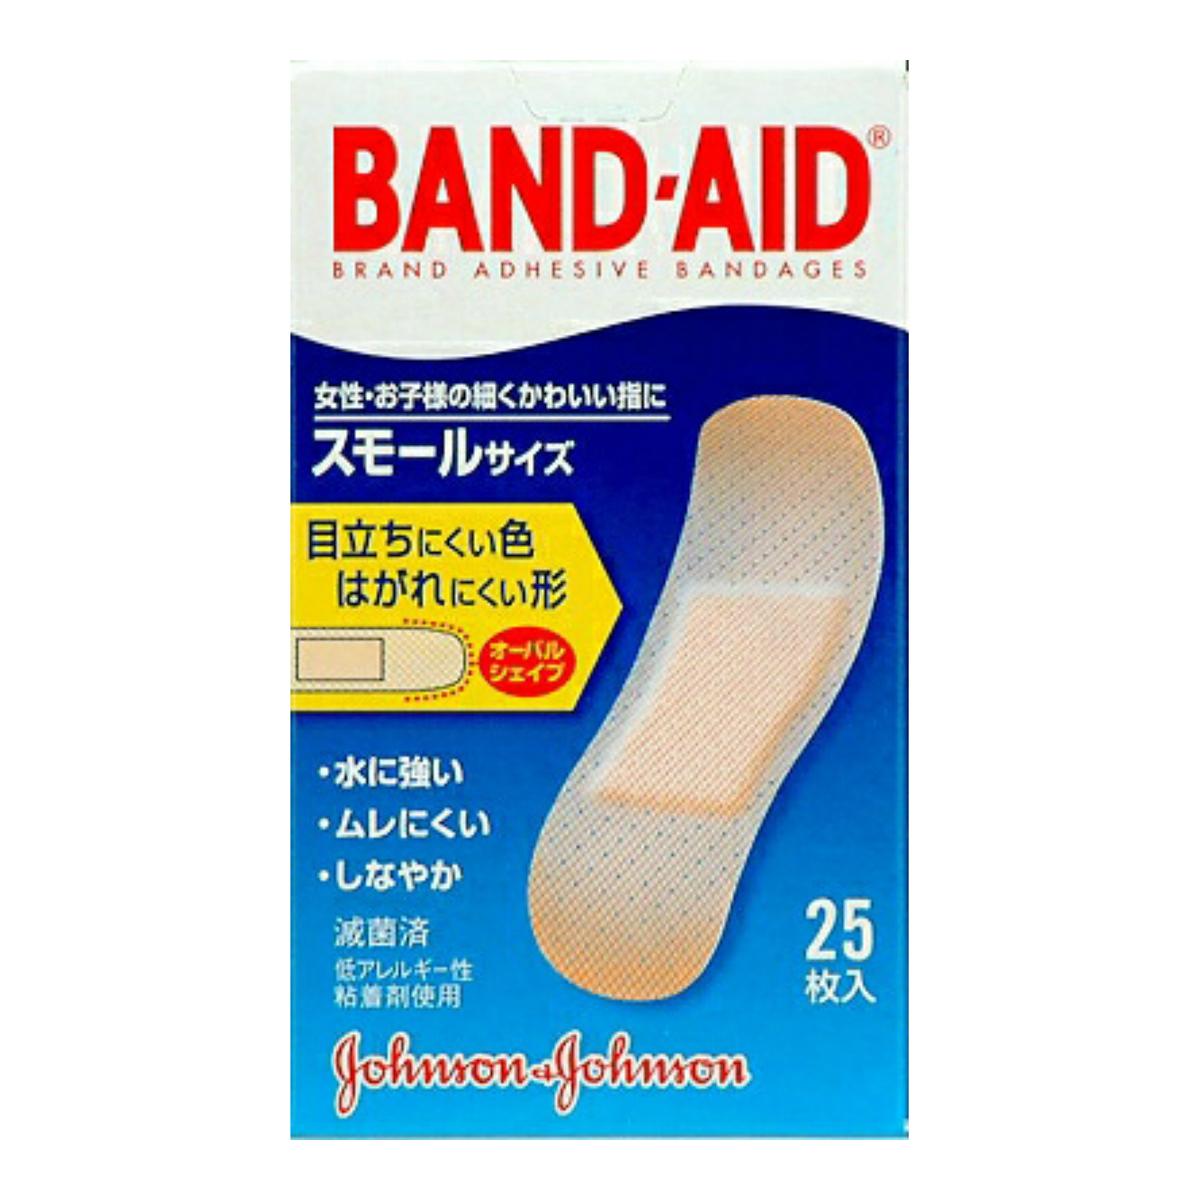 【送料無料】ジョンソン バンドエイド2007 肌色 スモール25枚×72点セット まとめ買い特価!ケース販売 ( 4901730020077 )